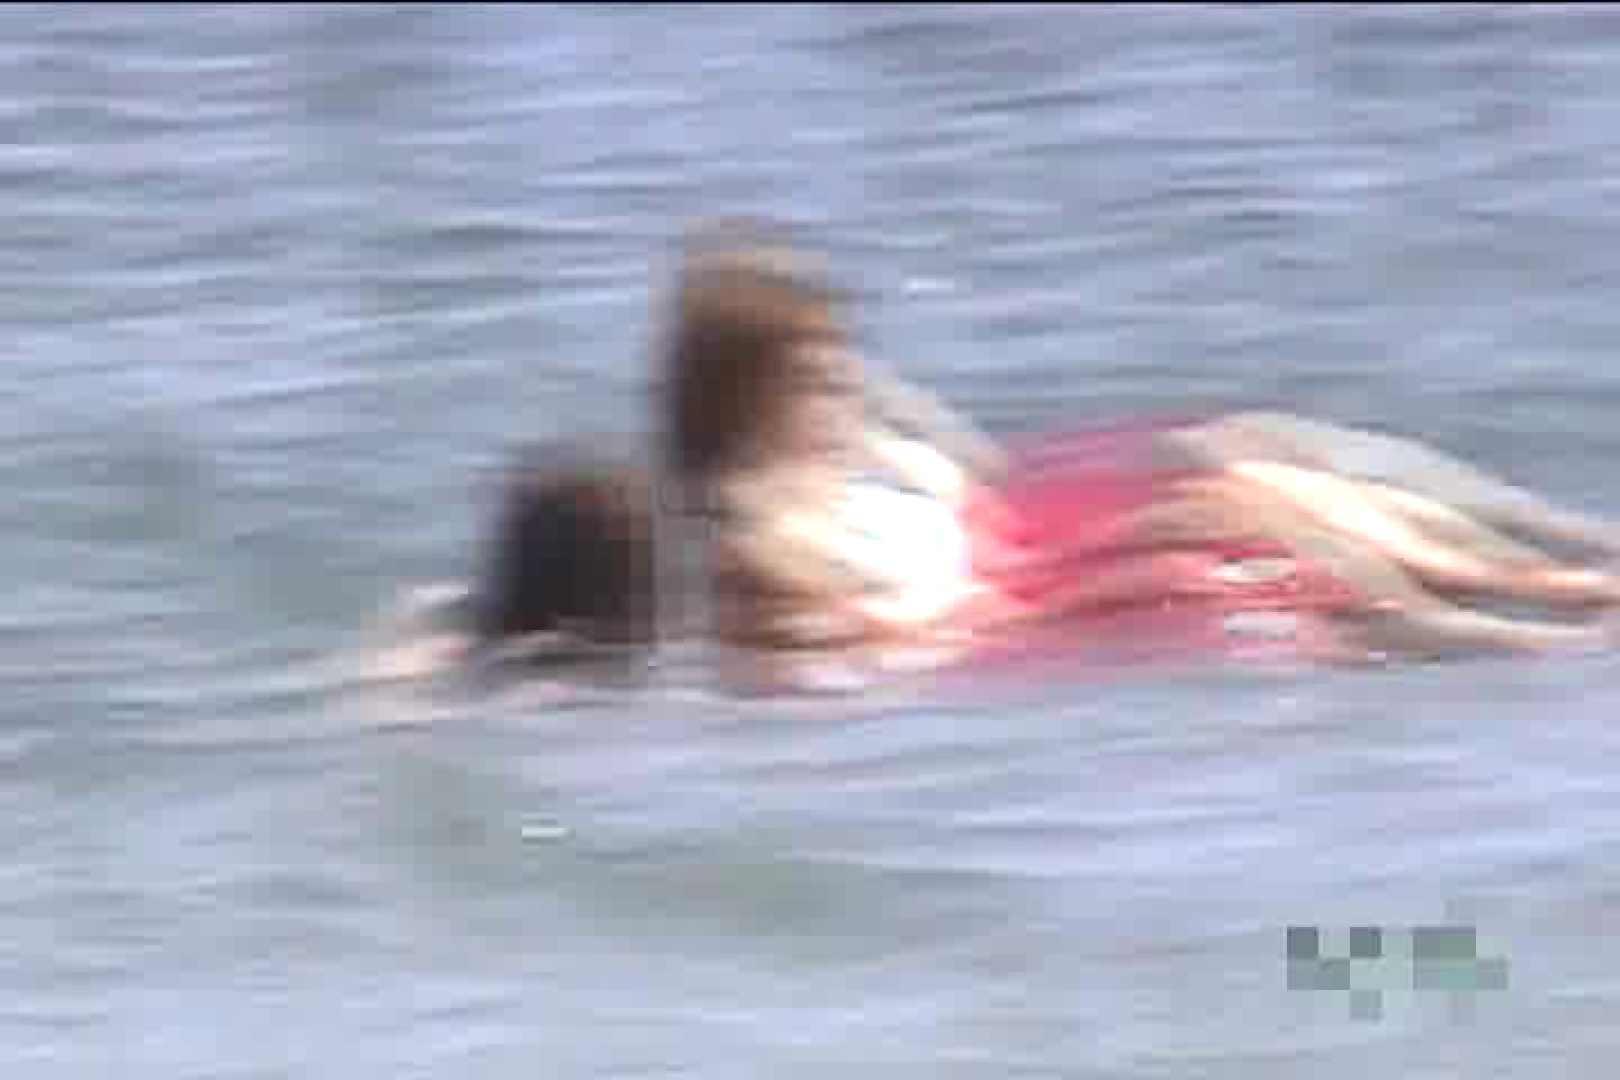 真夏のビーチは危険地帯Vol.2 S級美女ギャル   日焼け  98画像 71